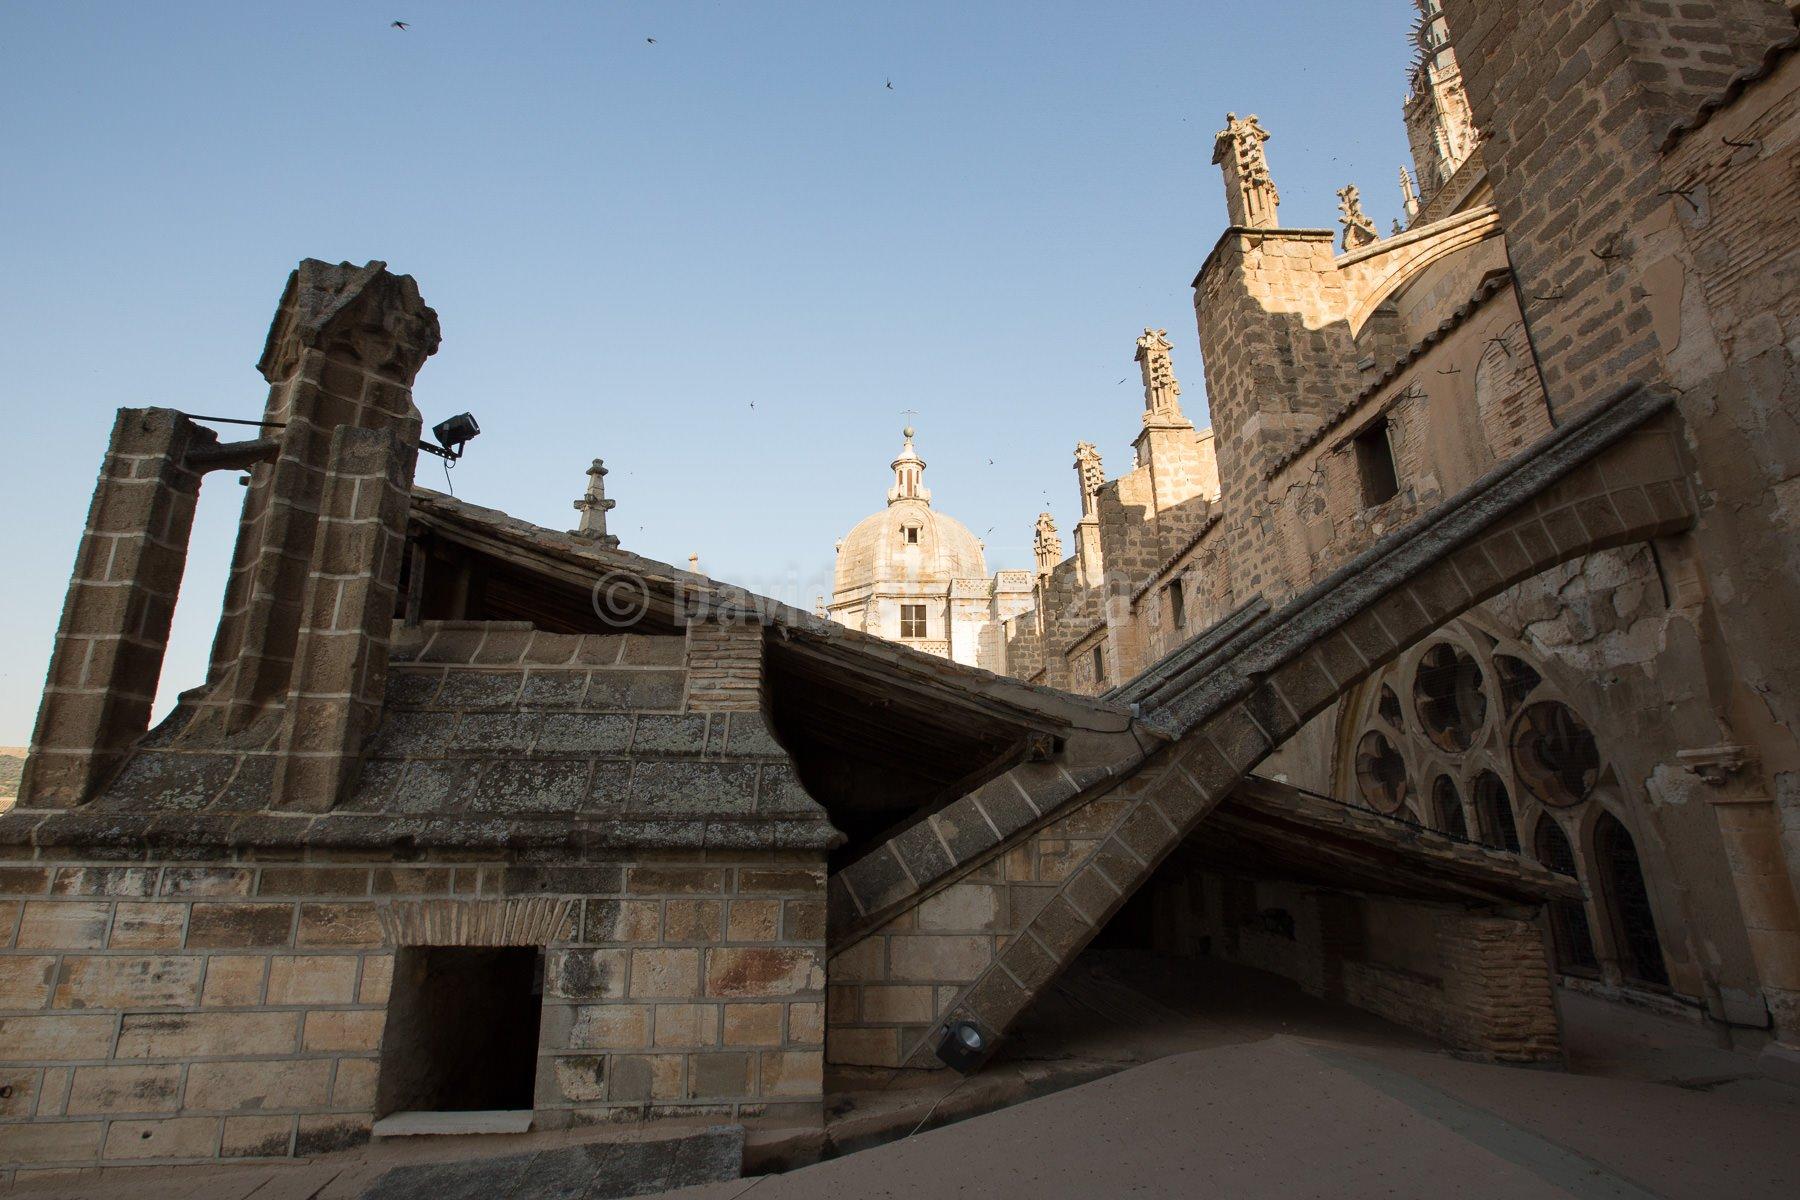 Sobre las cubiertas de la Catedral de Toledo